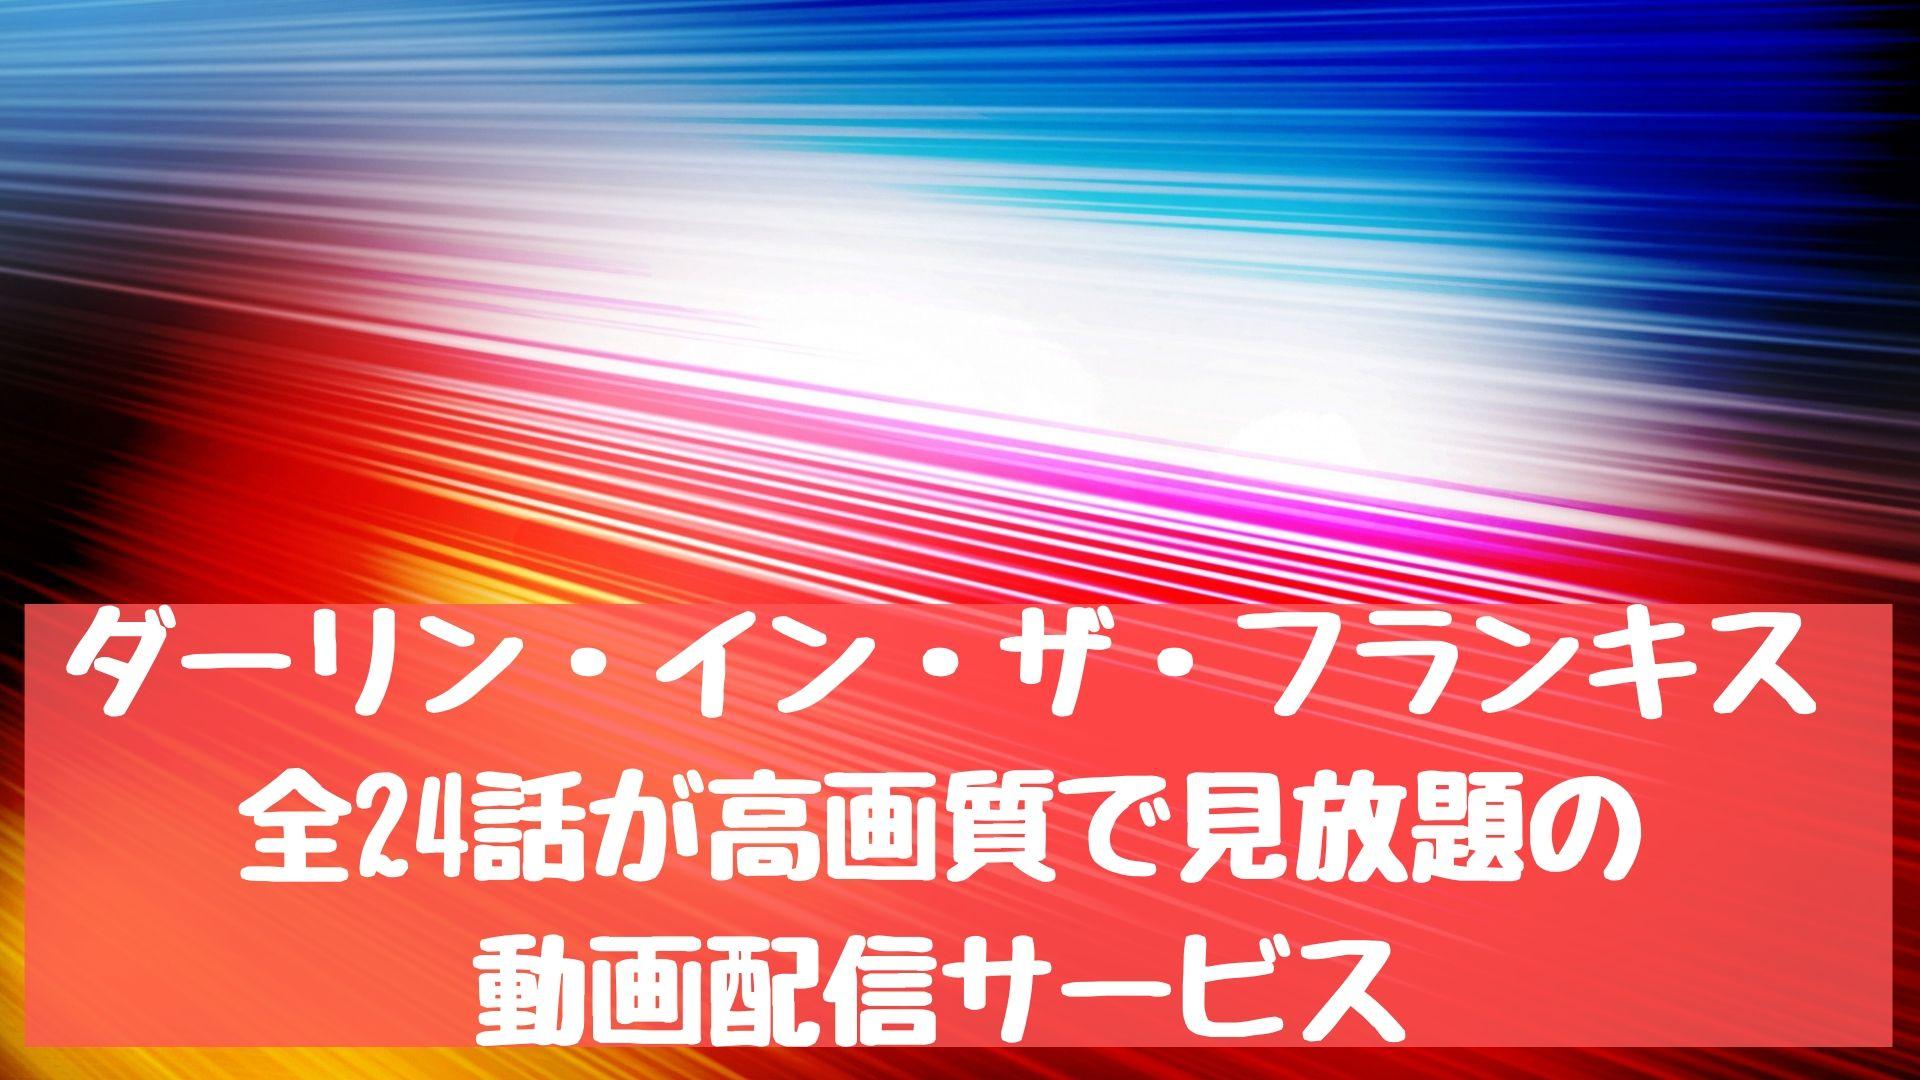 ダーリン・イン・ザ・フランキスの動画!全24話が高画質で見放題の動画配信サービス